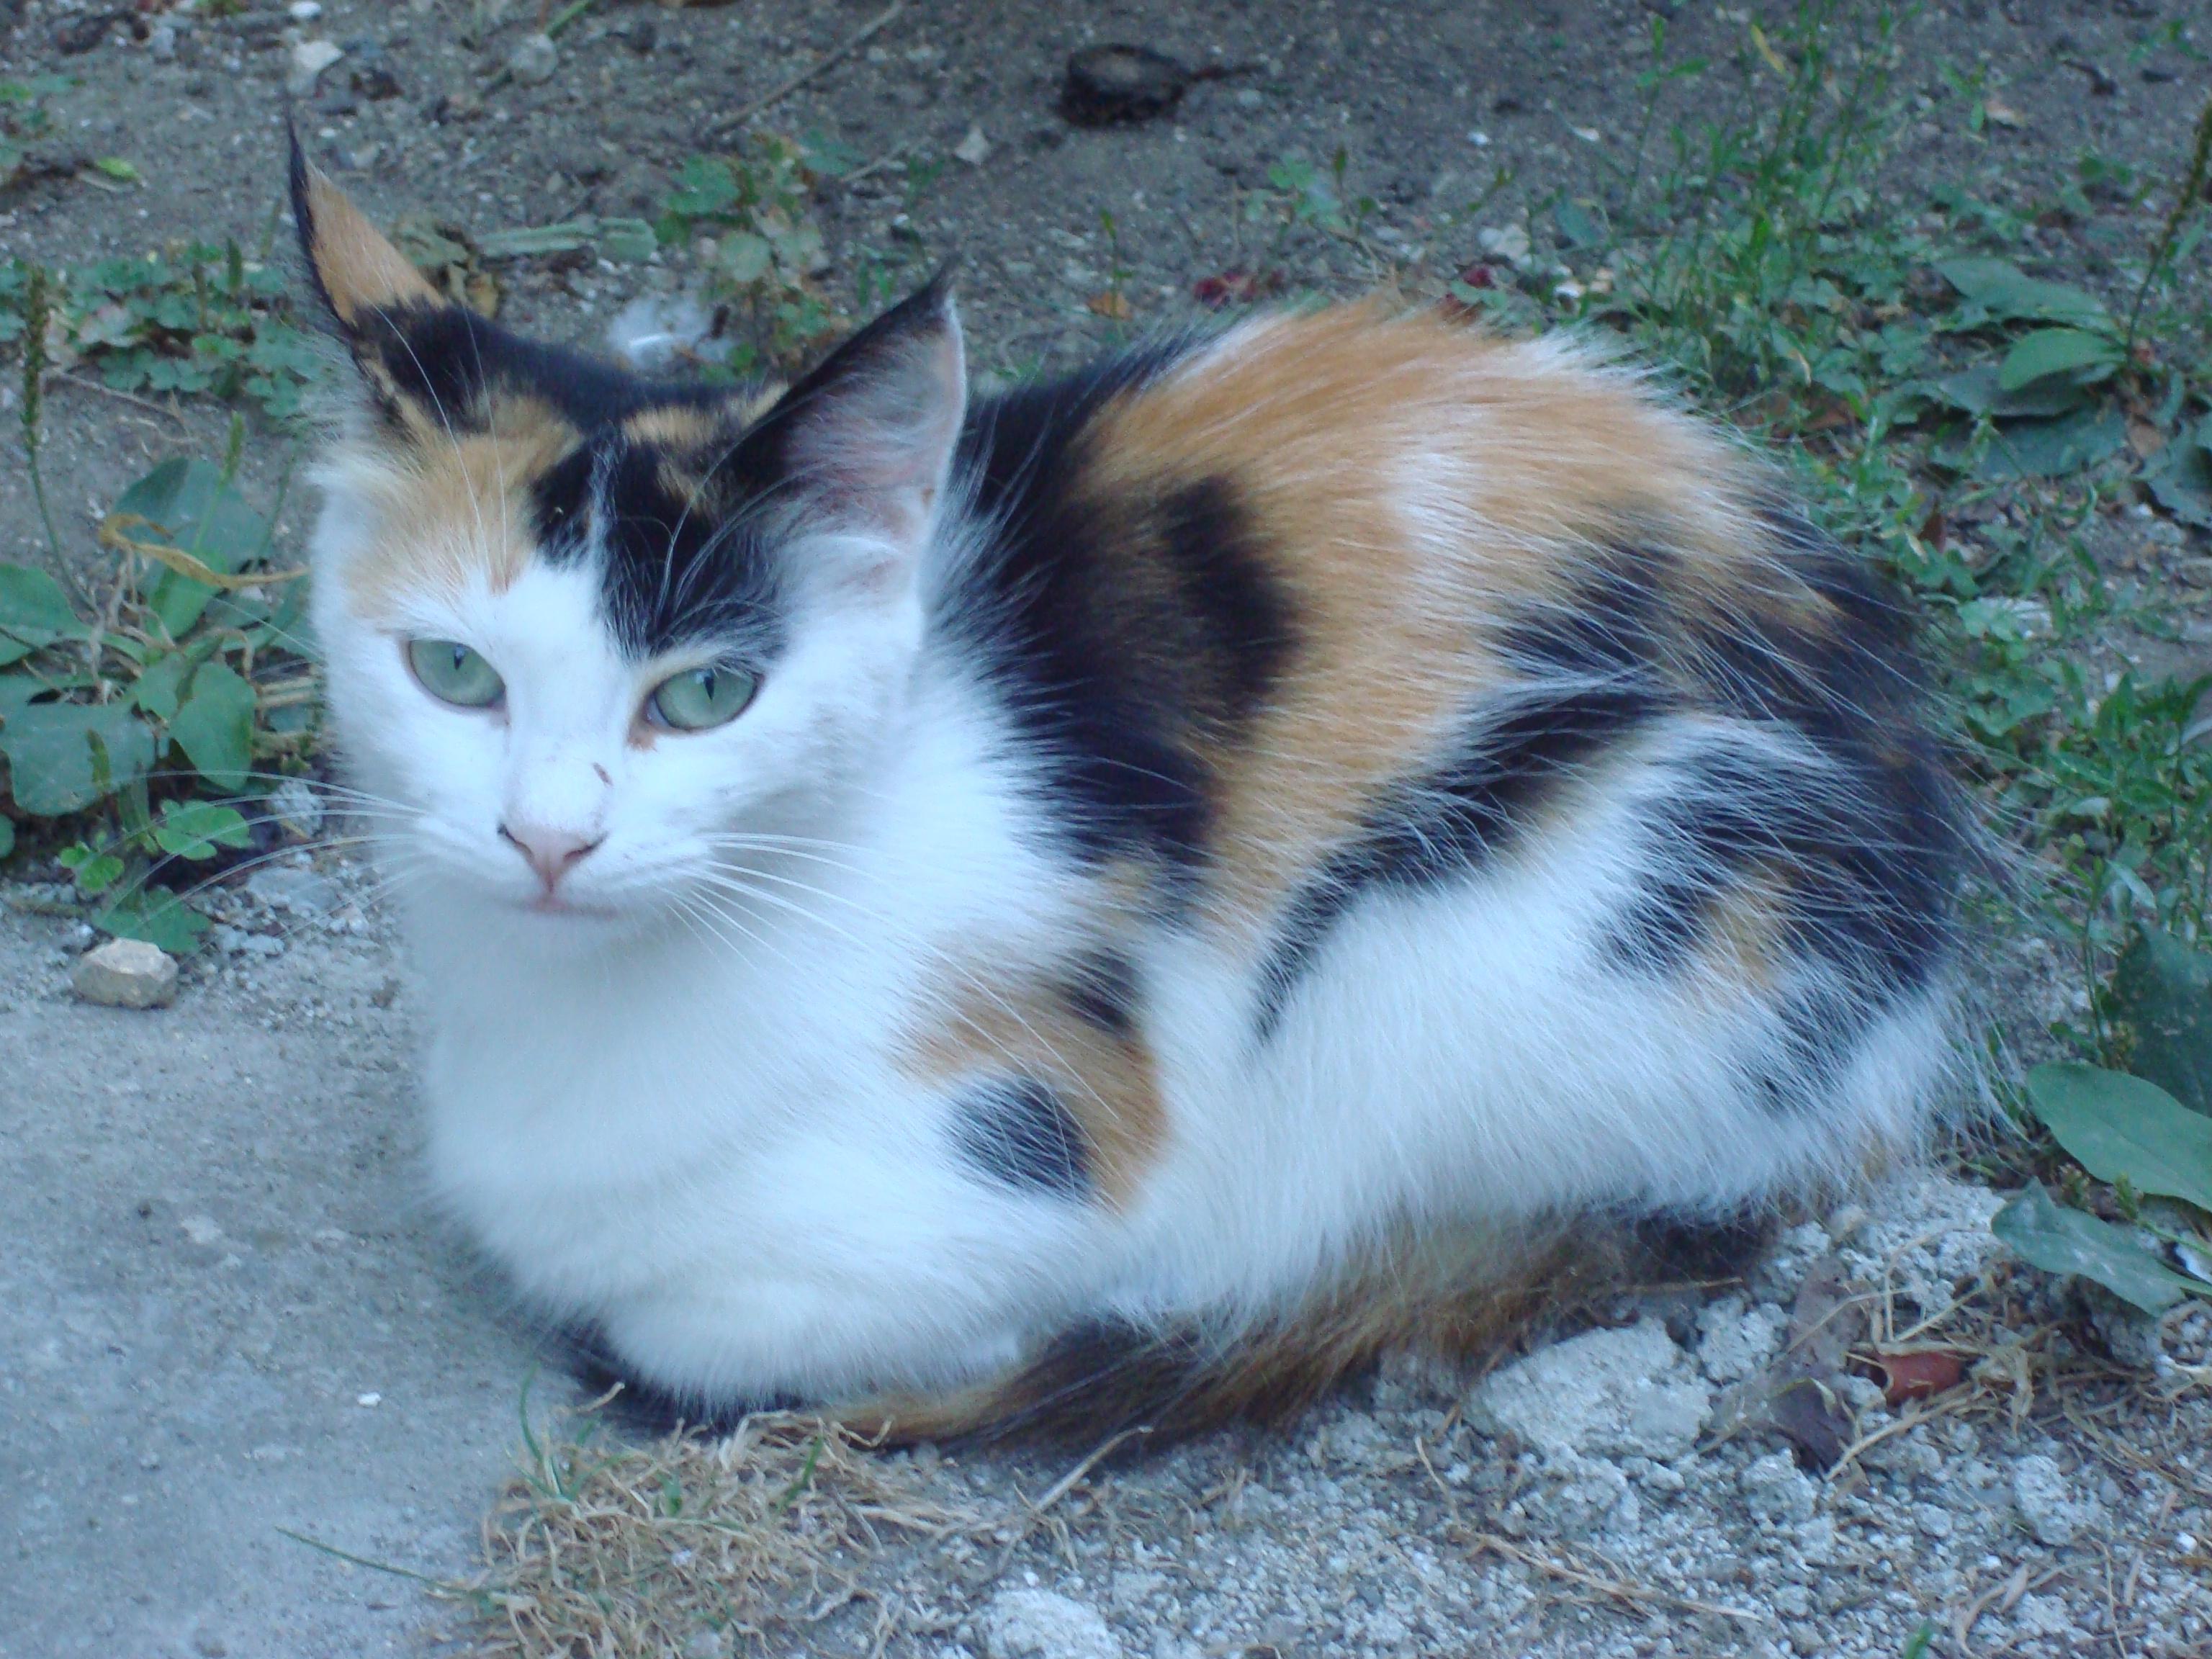 A little resting kitten photo